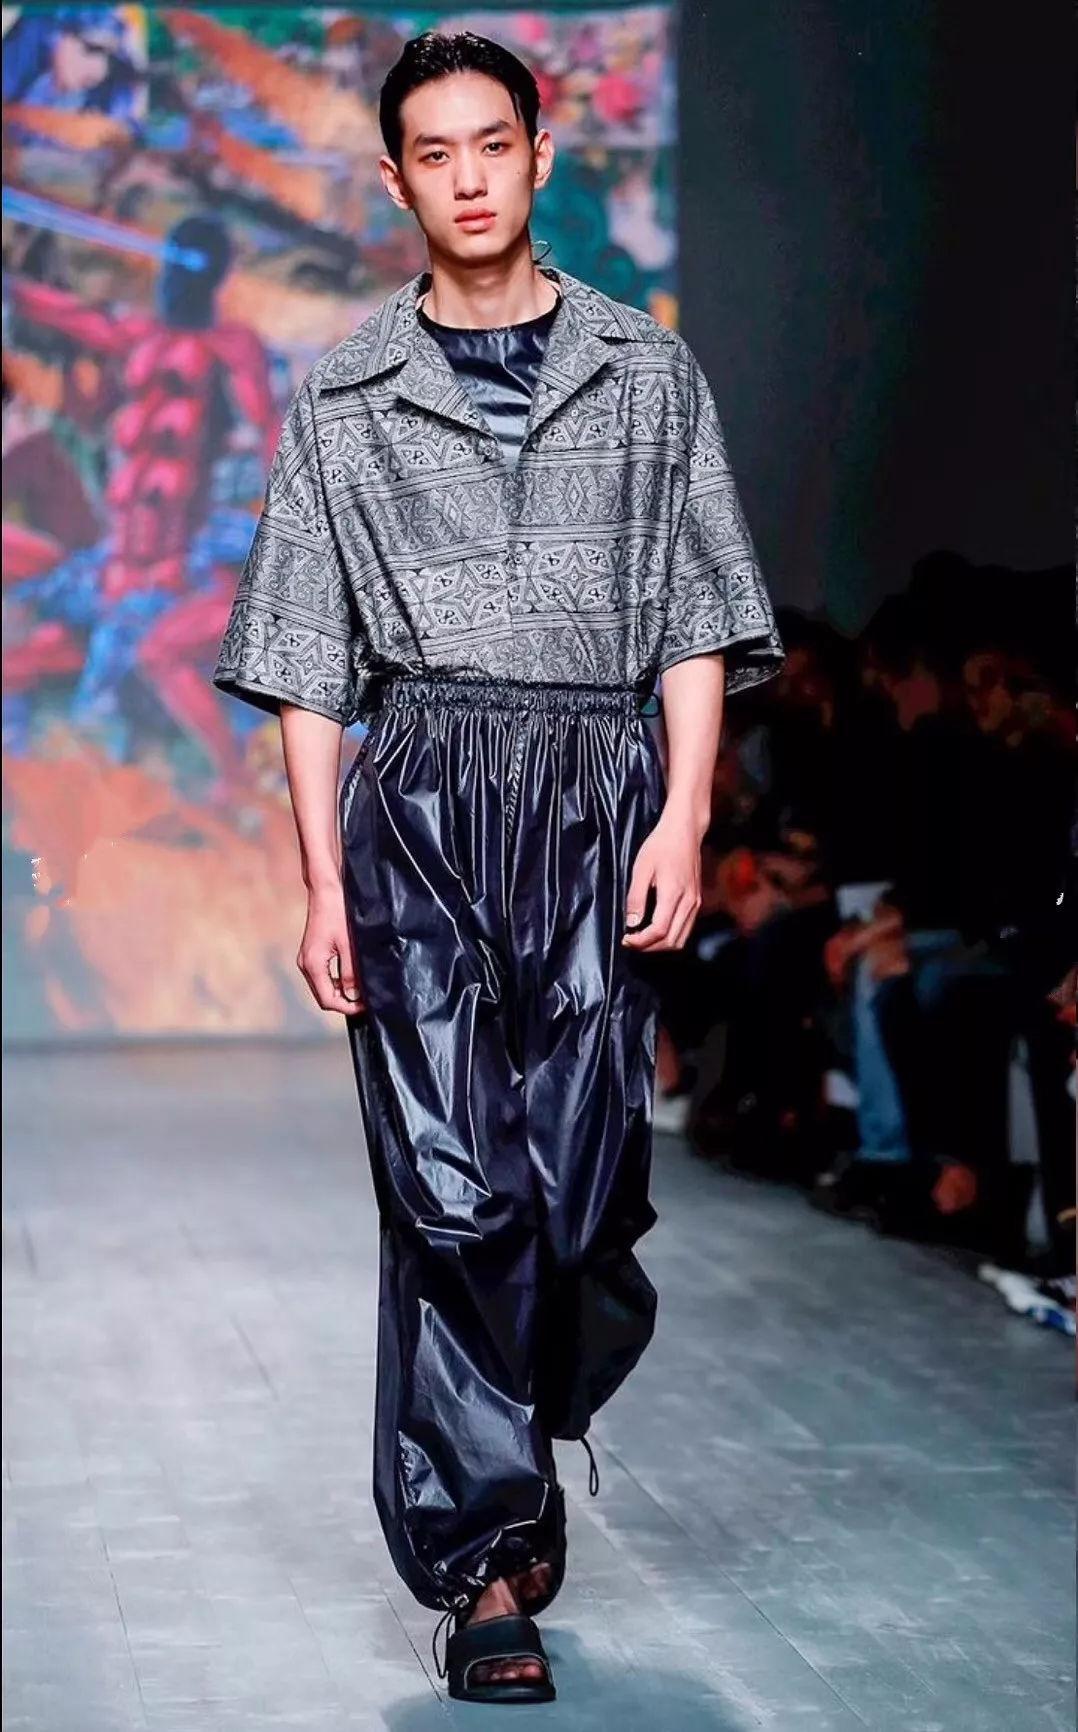 2019春夏伦敦男装周结束后,还有人不认识这位服装表演专业大一男模吗?